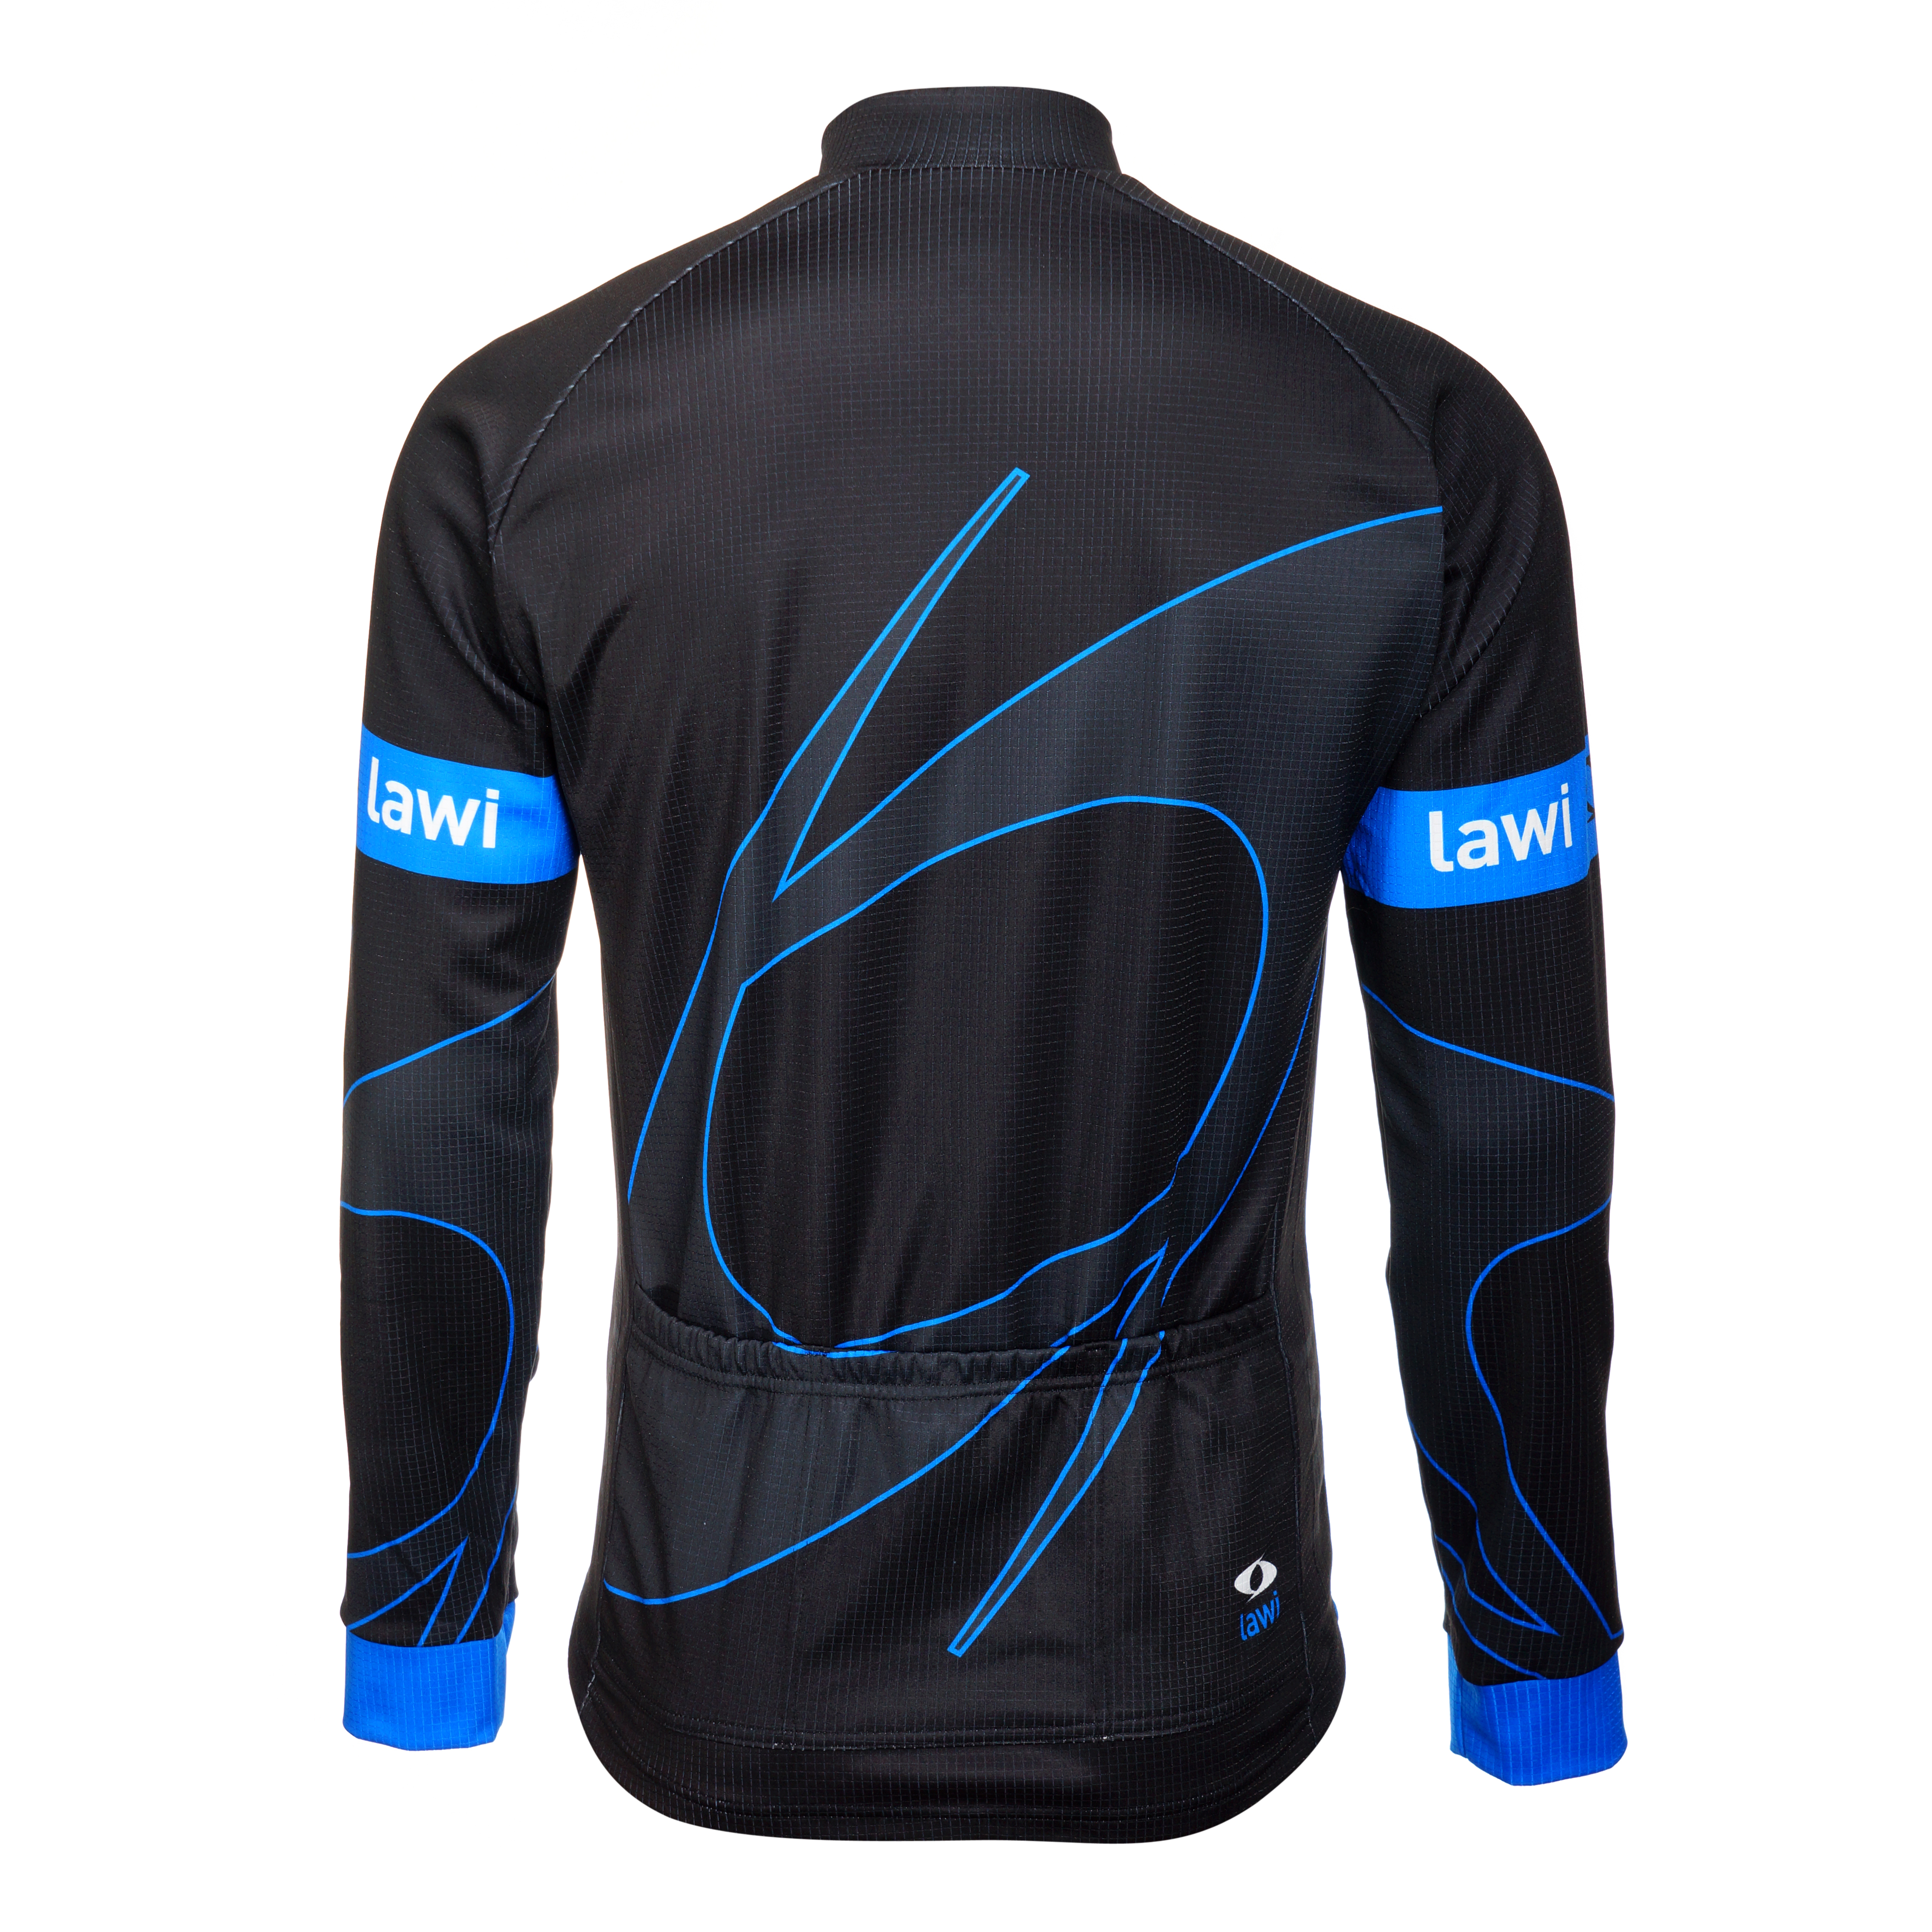 Pánský zateplený cyklistický dres Lawi Originals Blue velikost XL bd66f56465